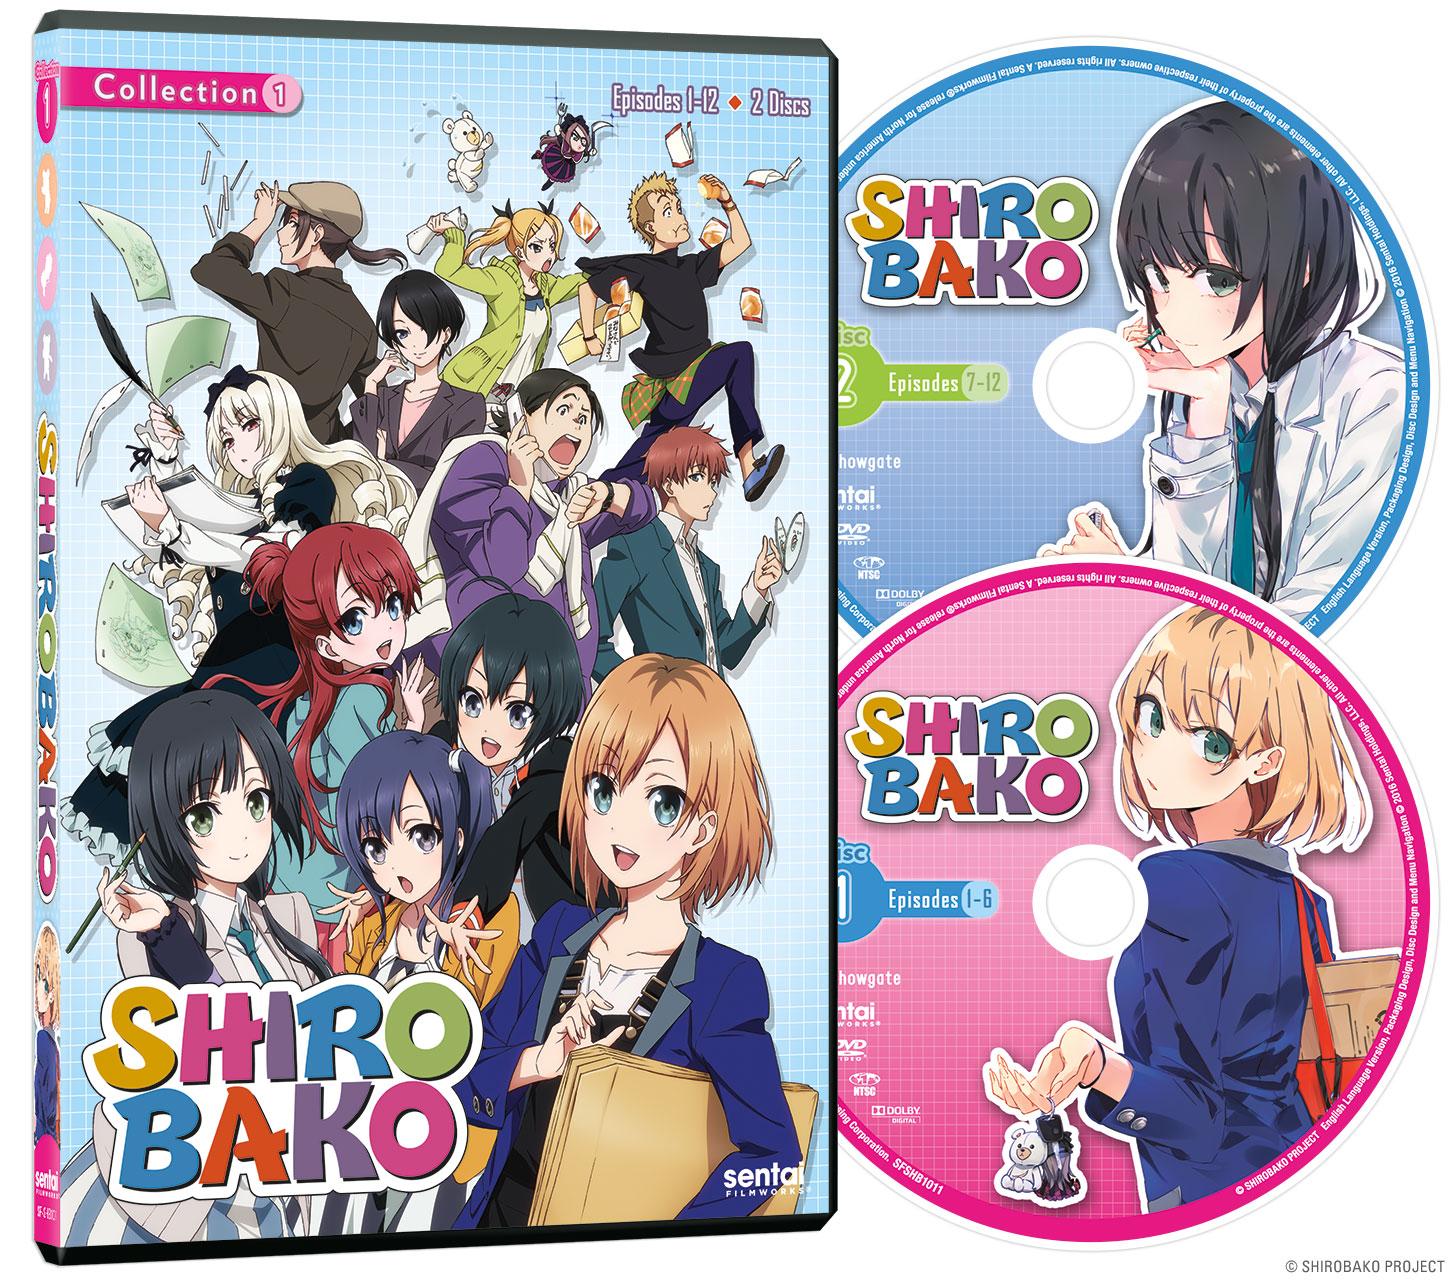 Shirobako Collection 1 DVD